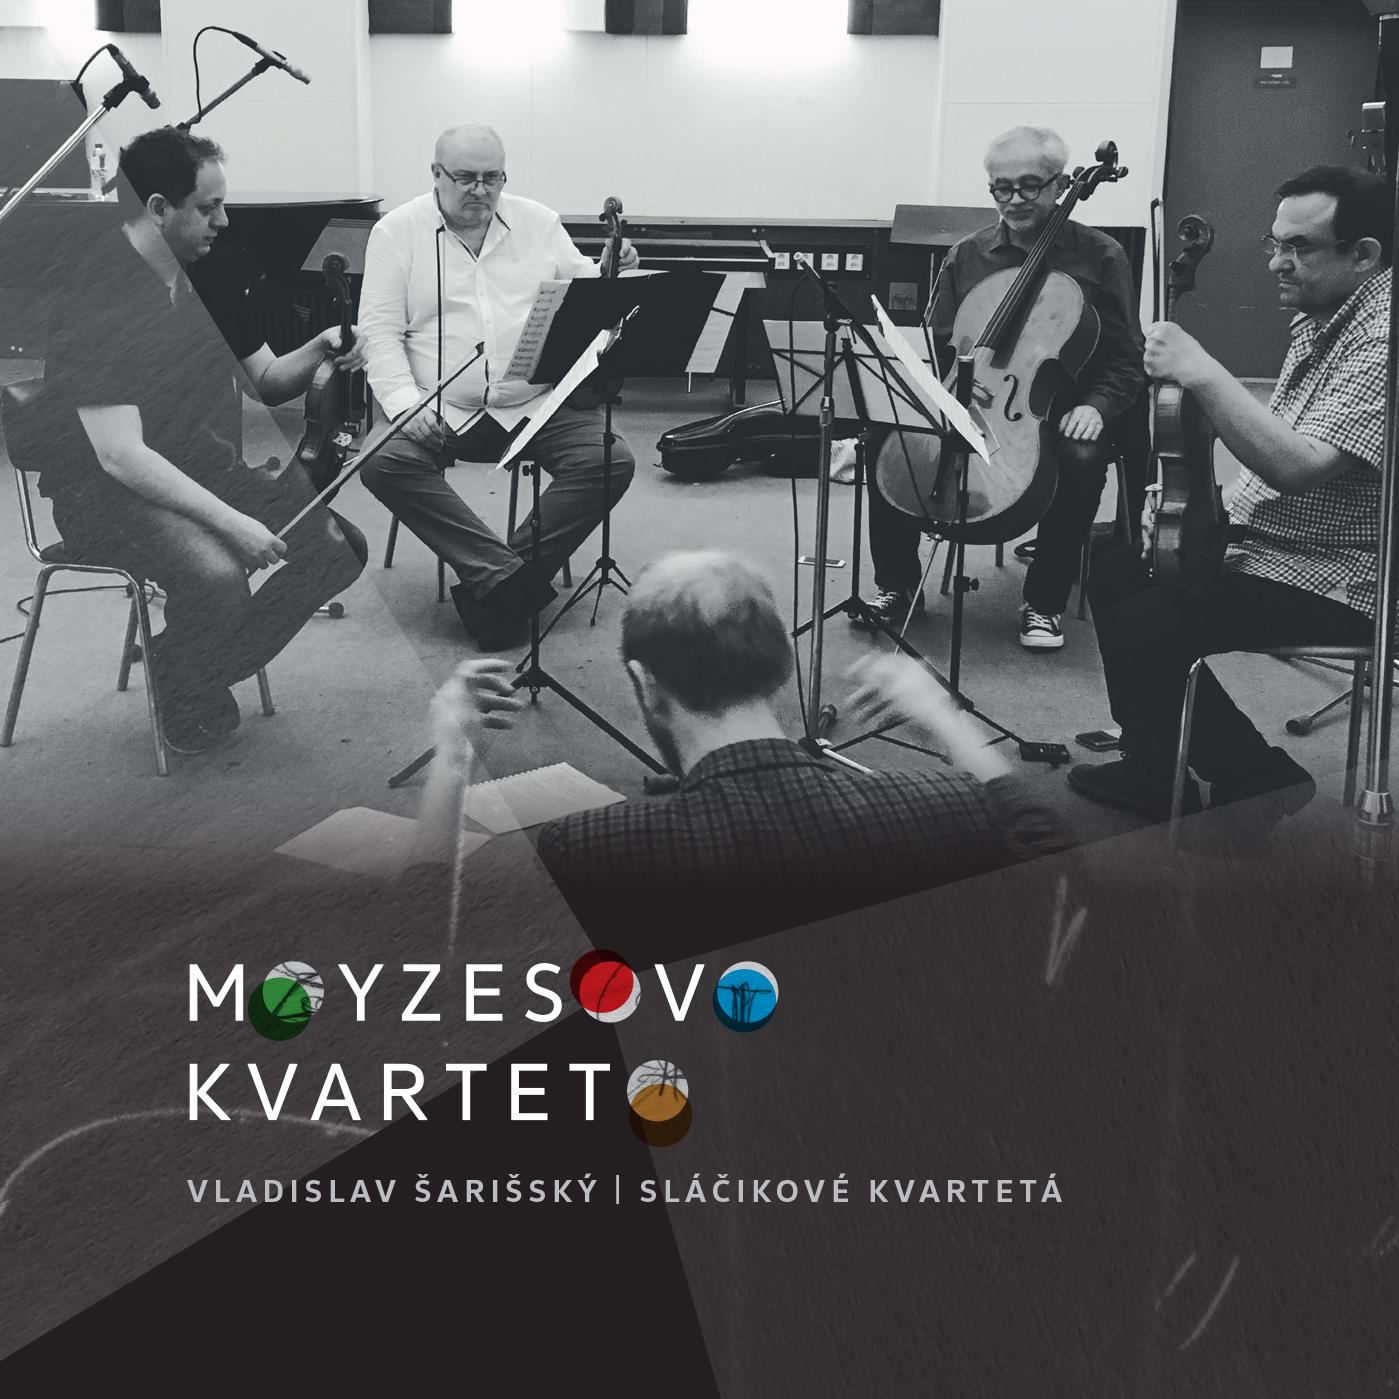 Moyzesovo kvarteto vydáva novinku s hudbou Vladislava Šarišského